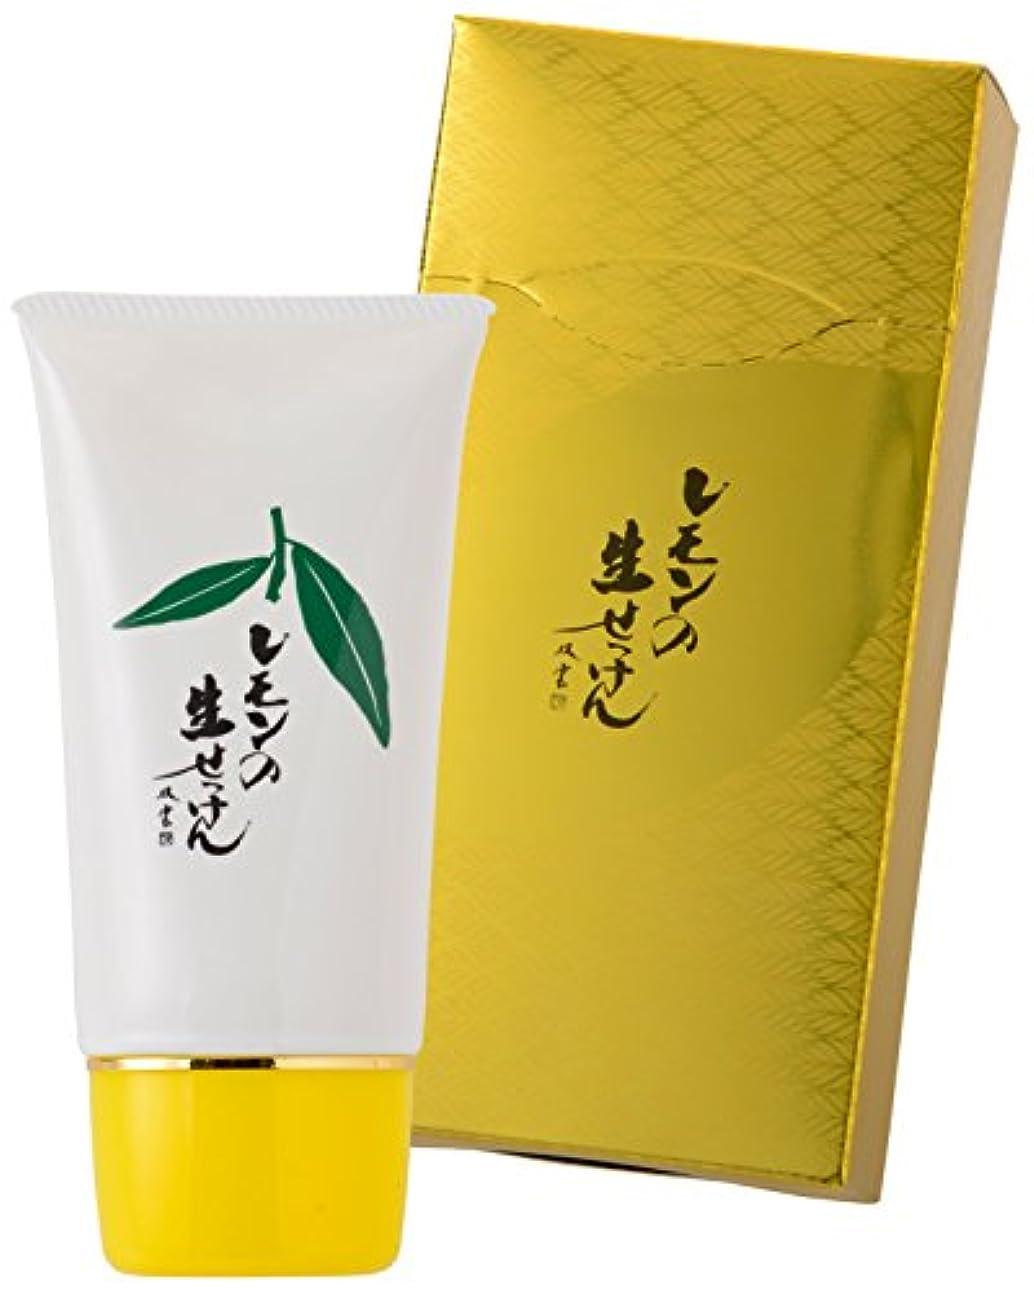 美香柑 レモンの生せっけん 洗顔石けん 無添加 泡立てネット付 チューブタイプ 70g